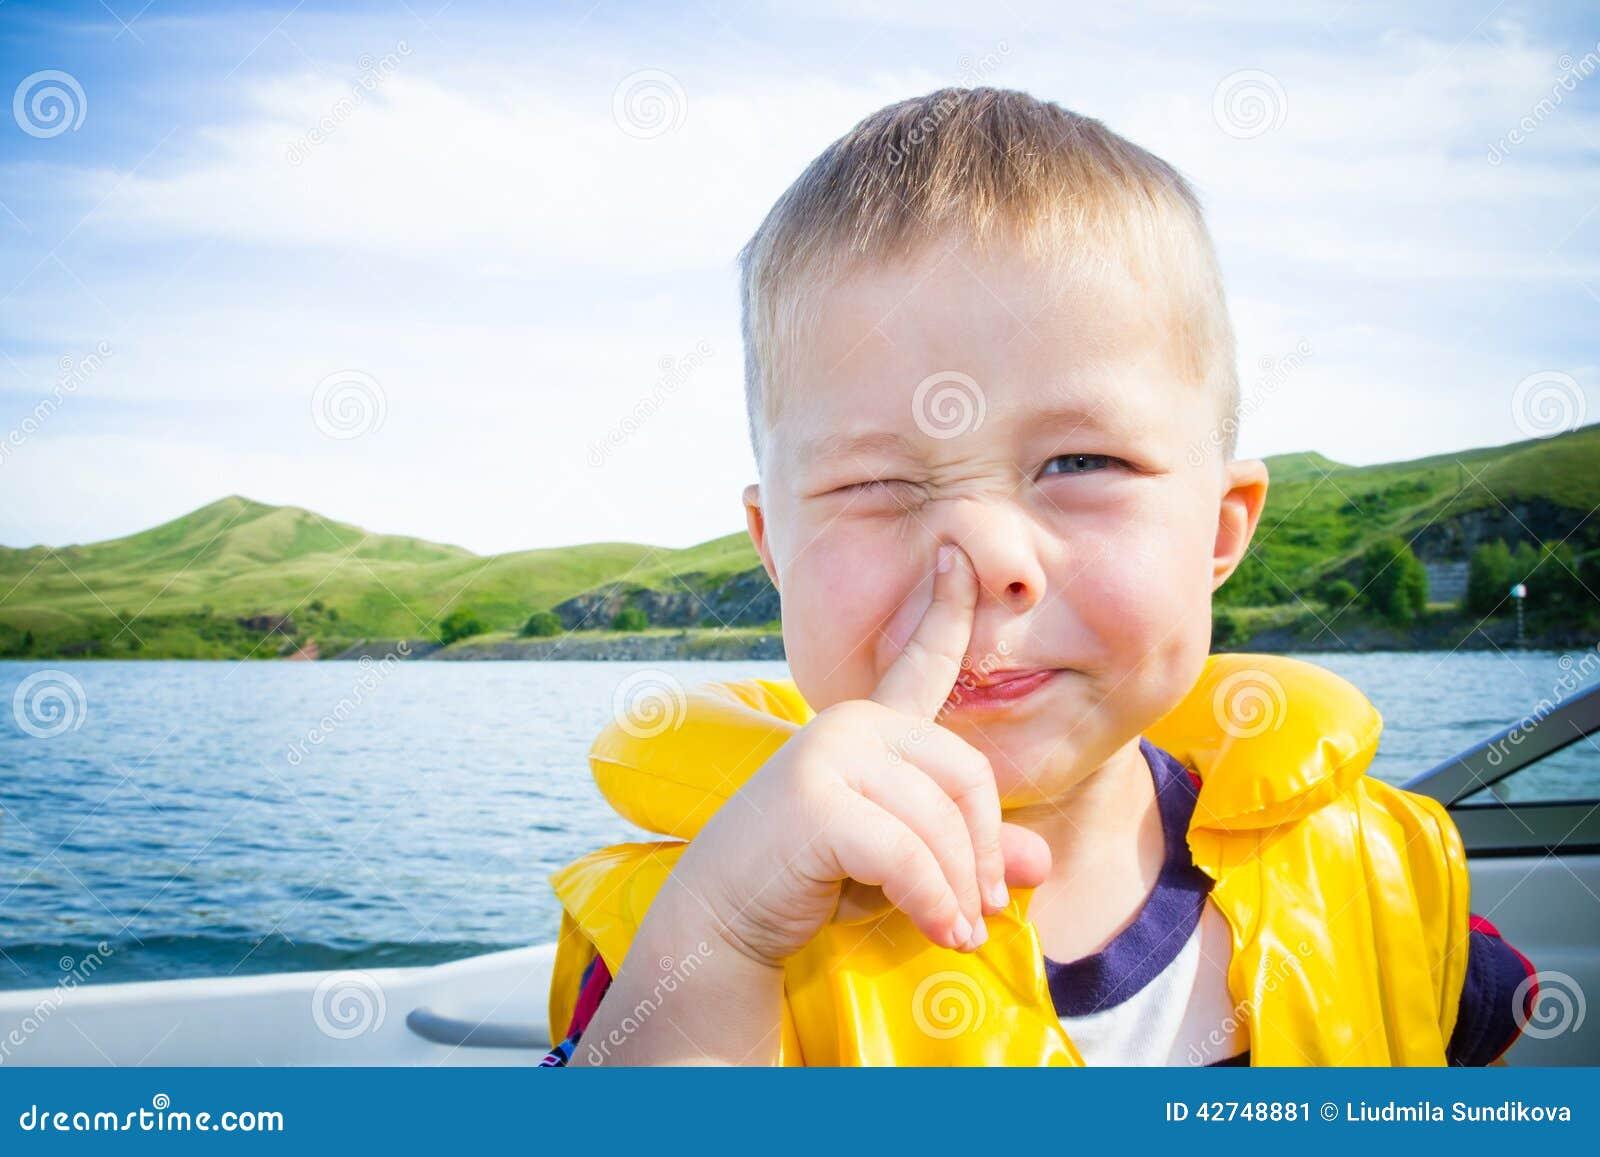 Reise der Kinder auf Wasser im Boot